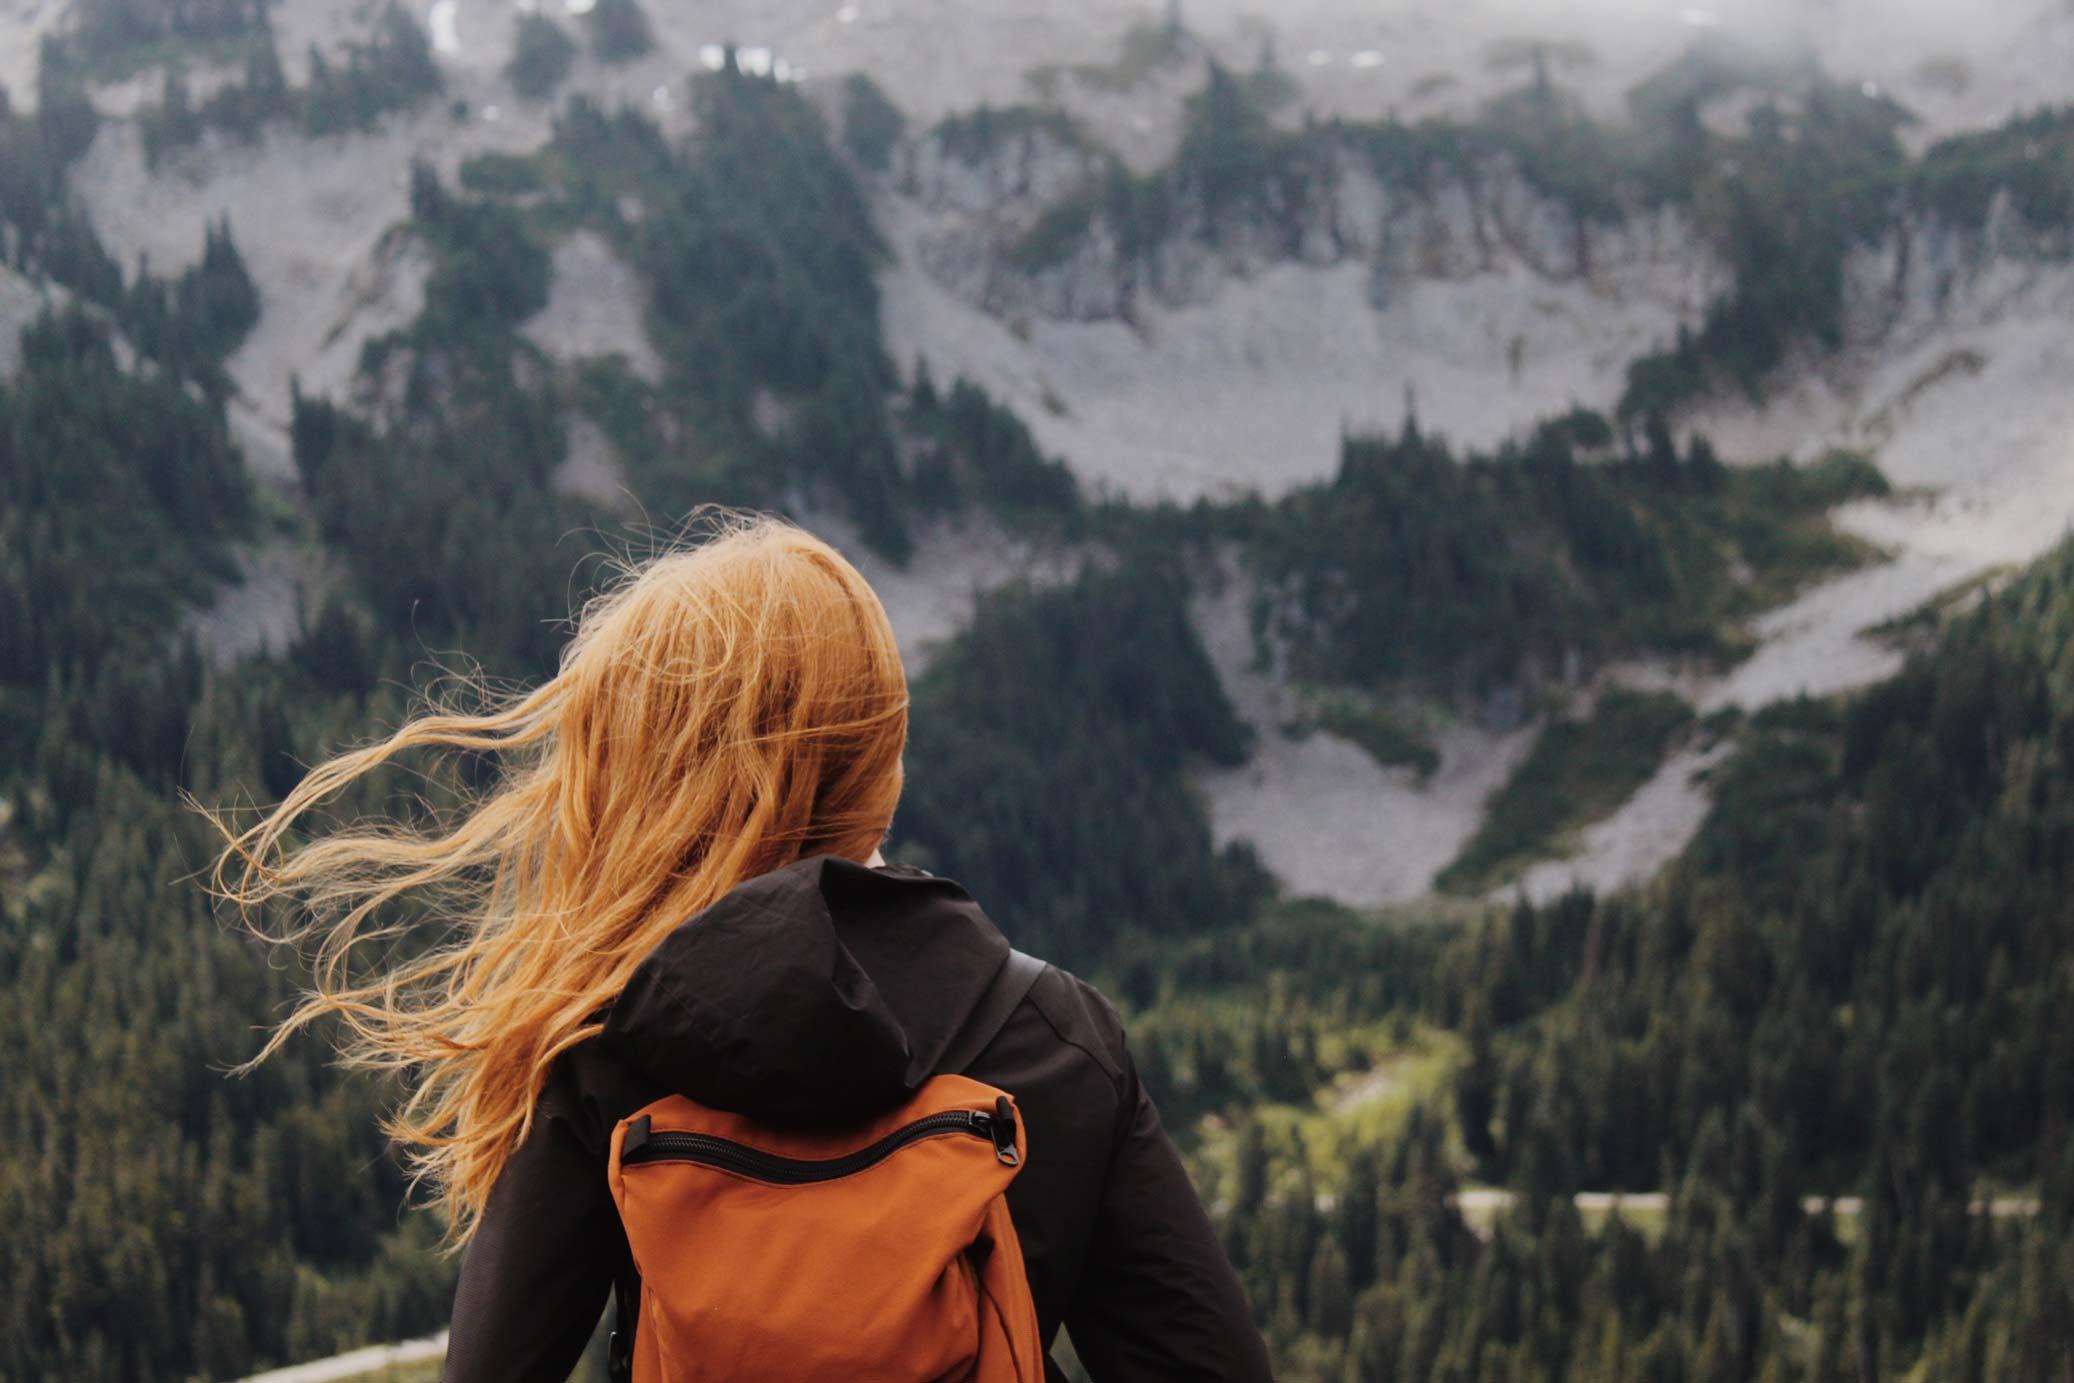 Viaje Interrail: Europa te espera. Cómo planificar la aventura de tu vida